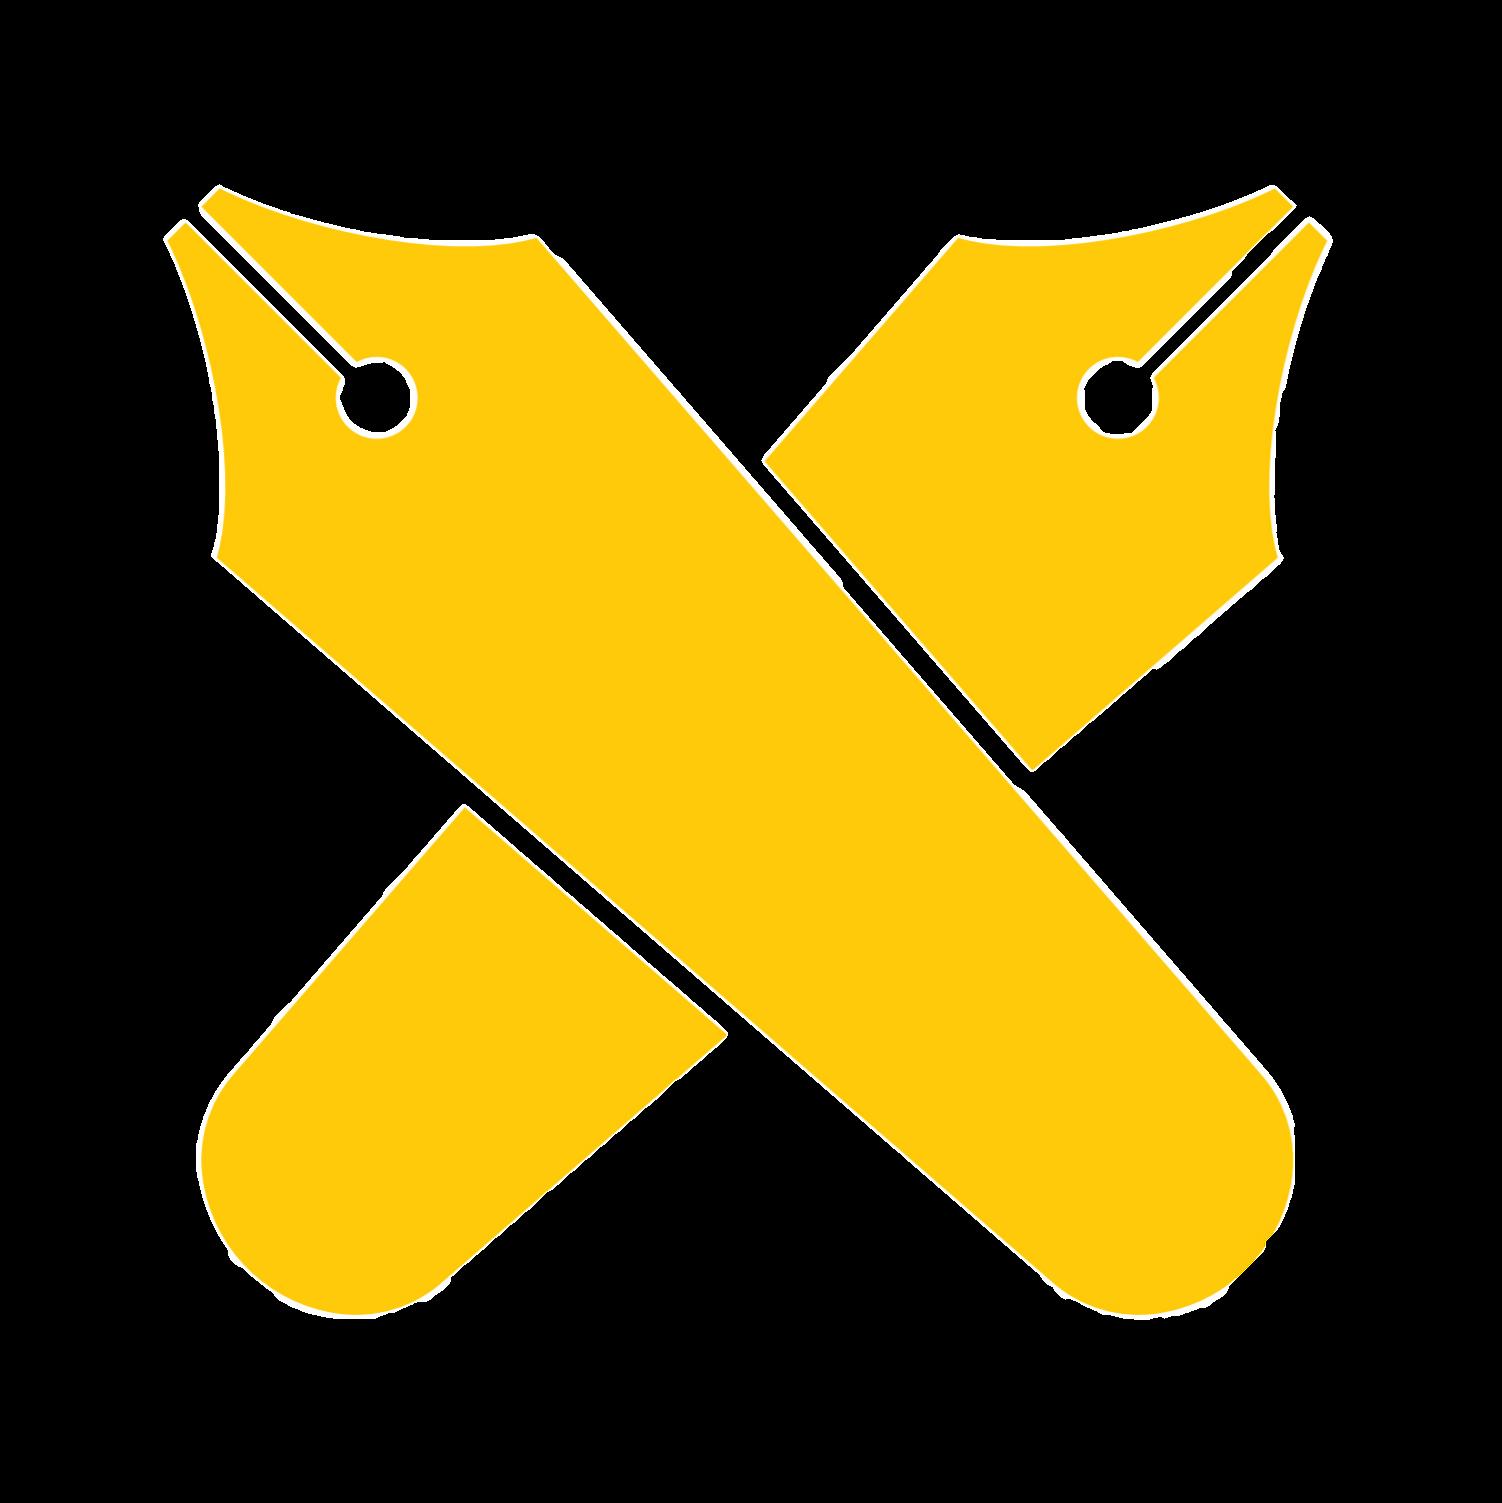 penmark_logo